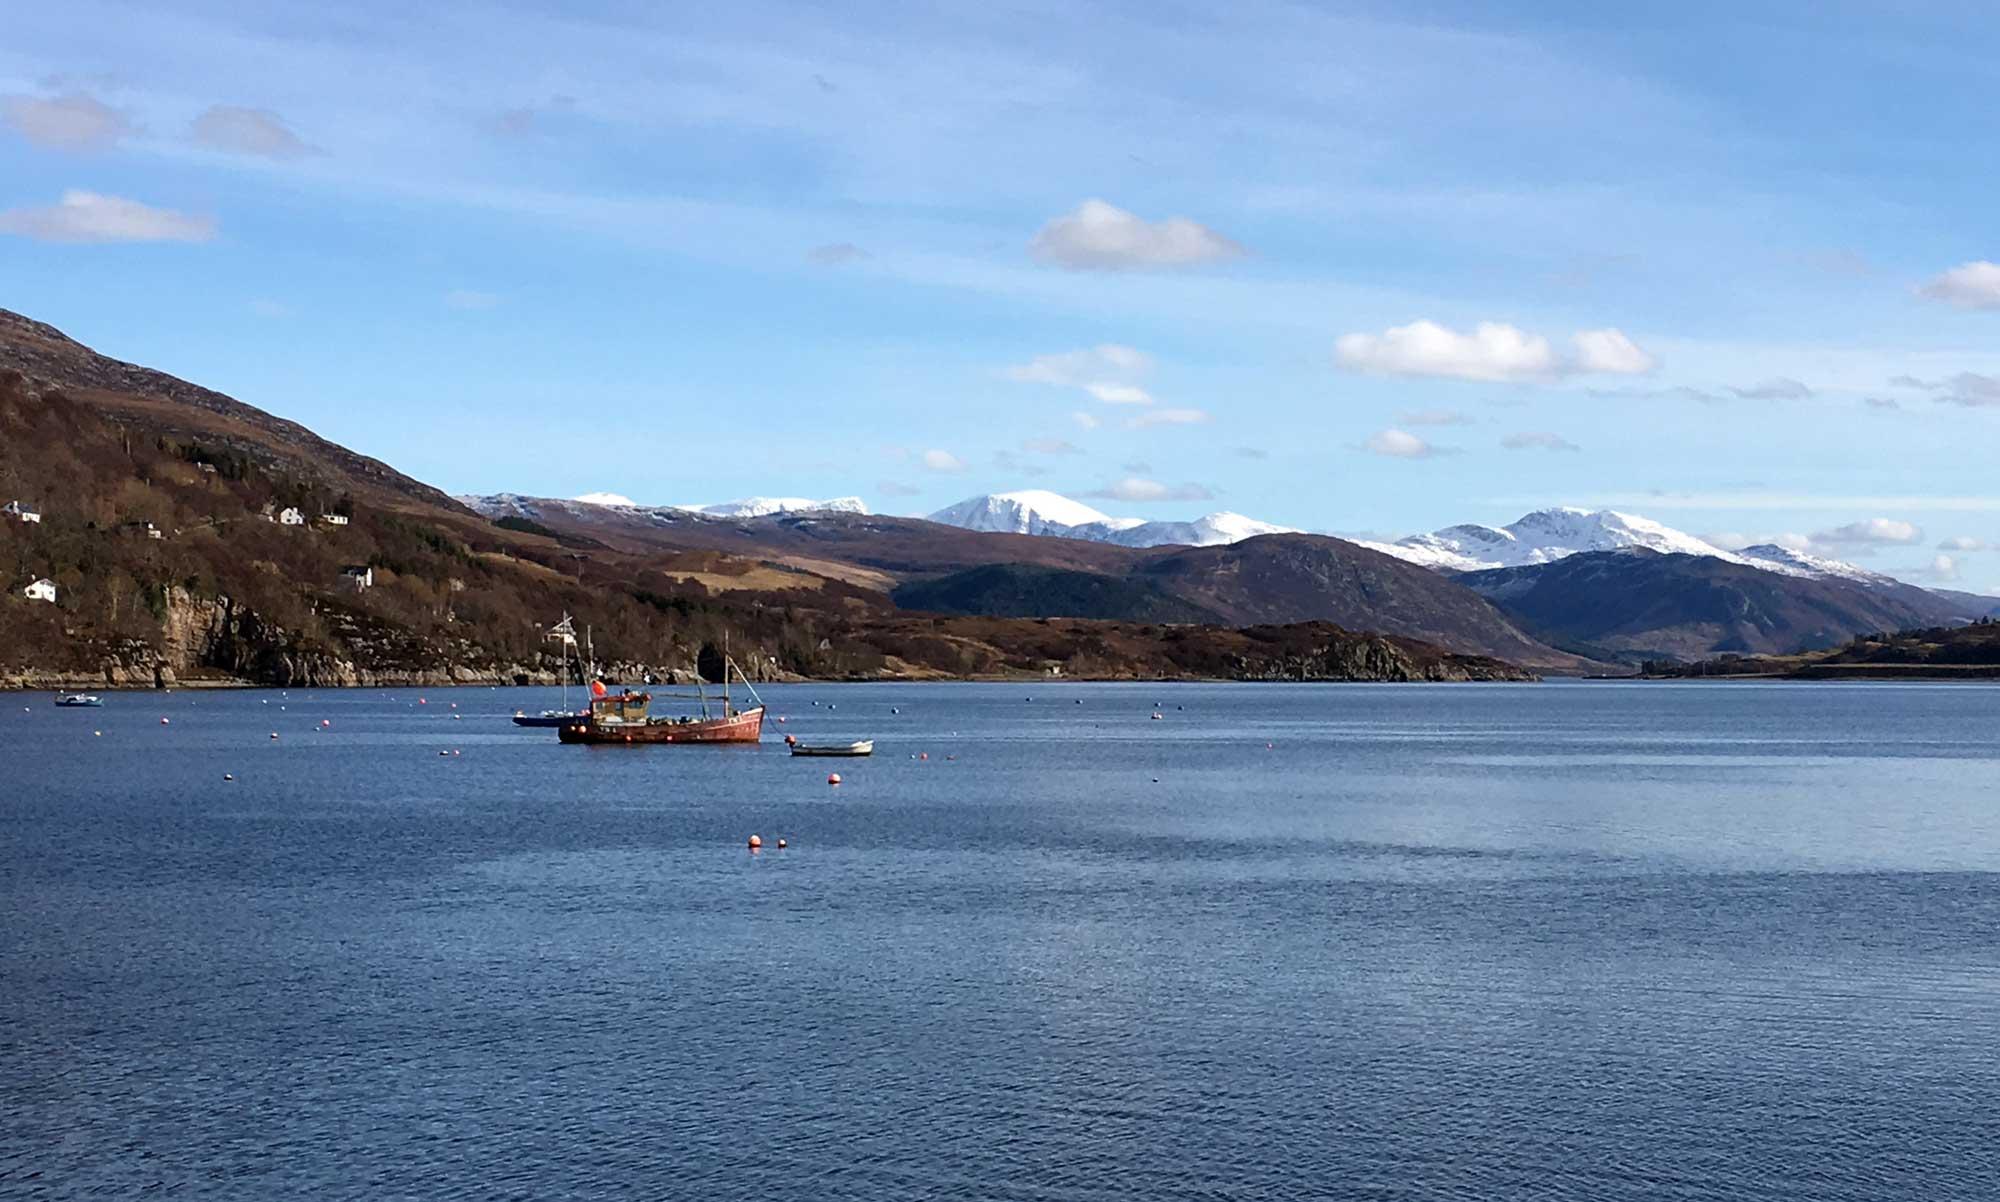 Ullapool Loch Broom